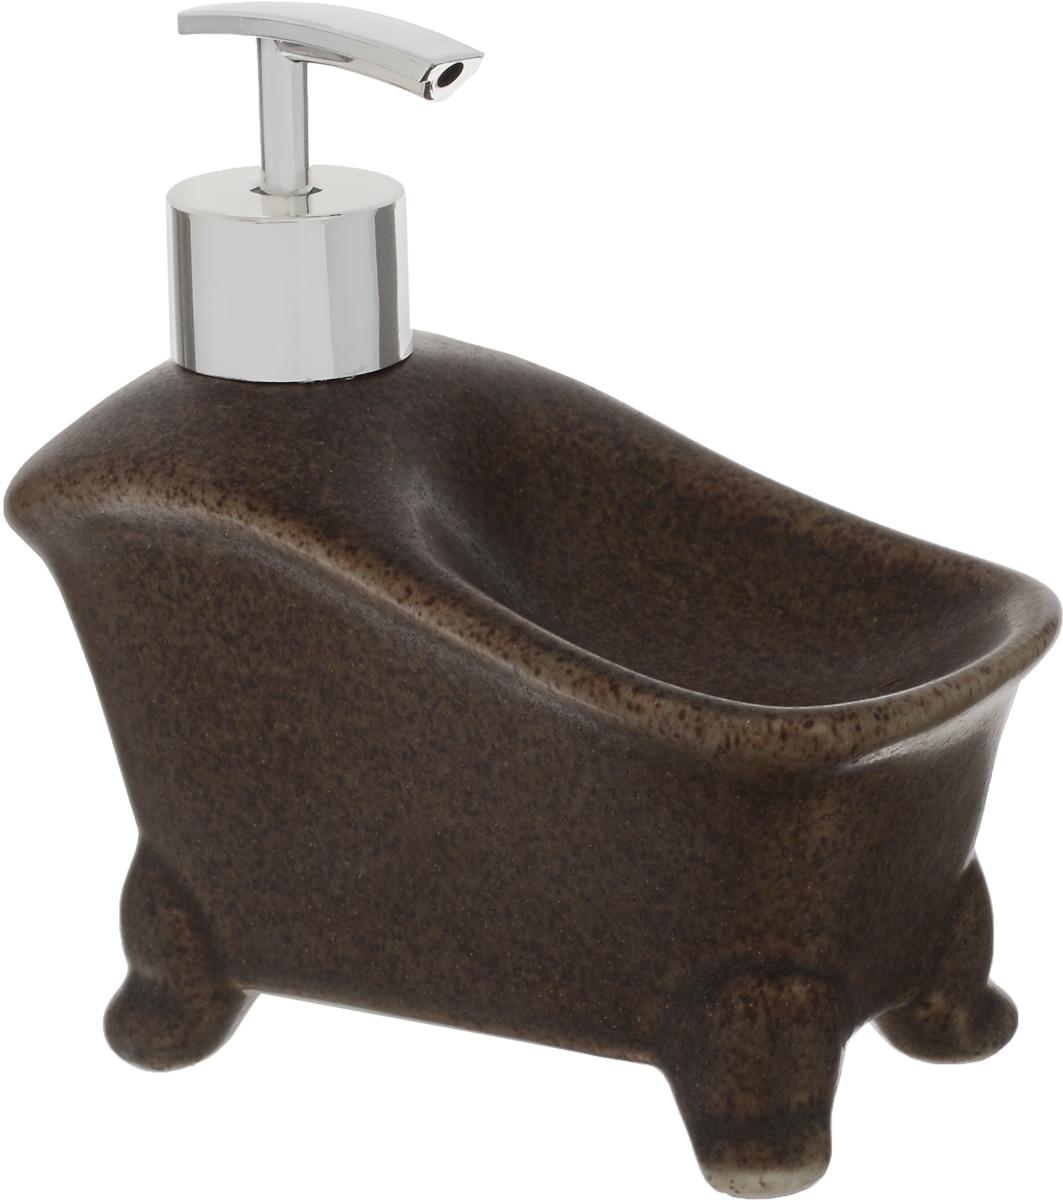 Дозатор для жидкого мыла Elrington, с подставкой для губки. FJH-10771-A202FJH-10771-A202Дозатор для жидкого мыла Elrington, изготовленный из керамики и металла, отлично подойдет для вашей ванной комнаты. Такой аксессуар очень удобен в использовании, достаточно лишь перелить жидкое мыло в дозатор, а когда необходимо использование мыла, легким нажатием выдавить нужное количество. Также изделие оснащено подставкой под губку.Дозатор для жидкого мыла Elrington создаст особую атмосферу уюта и максимального комфорта в ванной.Размер дозатора: 15 х 7,5 х 15 см.